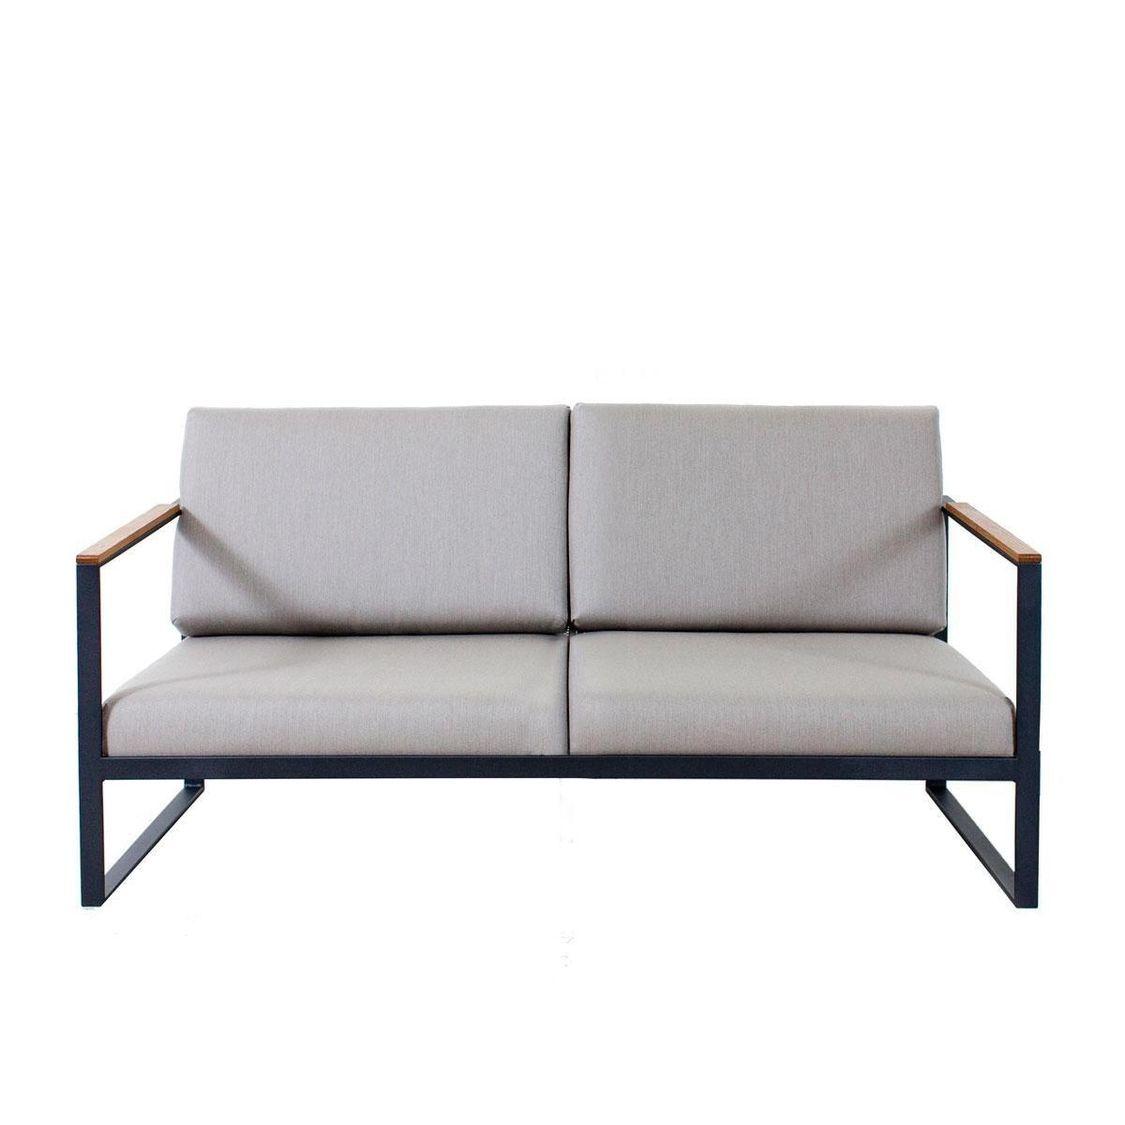 Sofa gezeichnet  Garden Easy 2-Sitzer Sofa | Röshults | AmbienteDirect.com